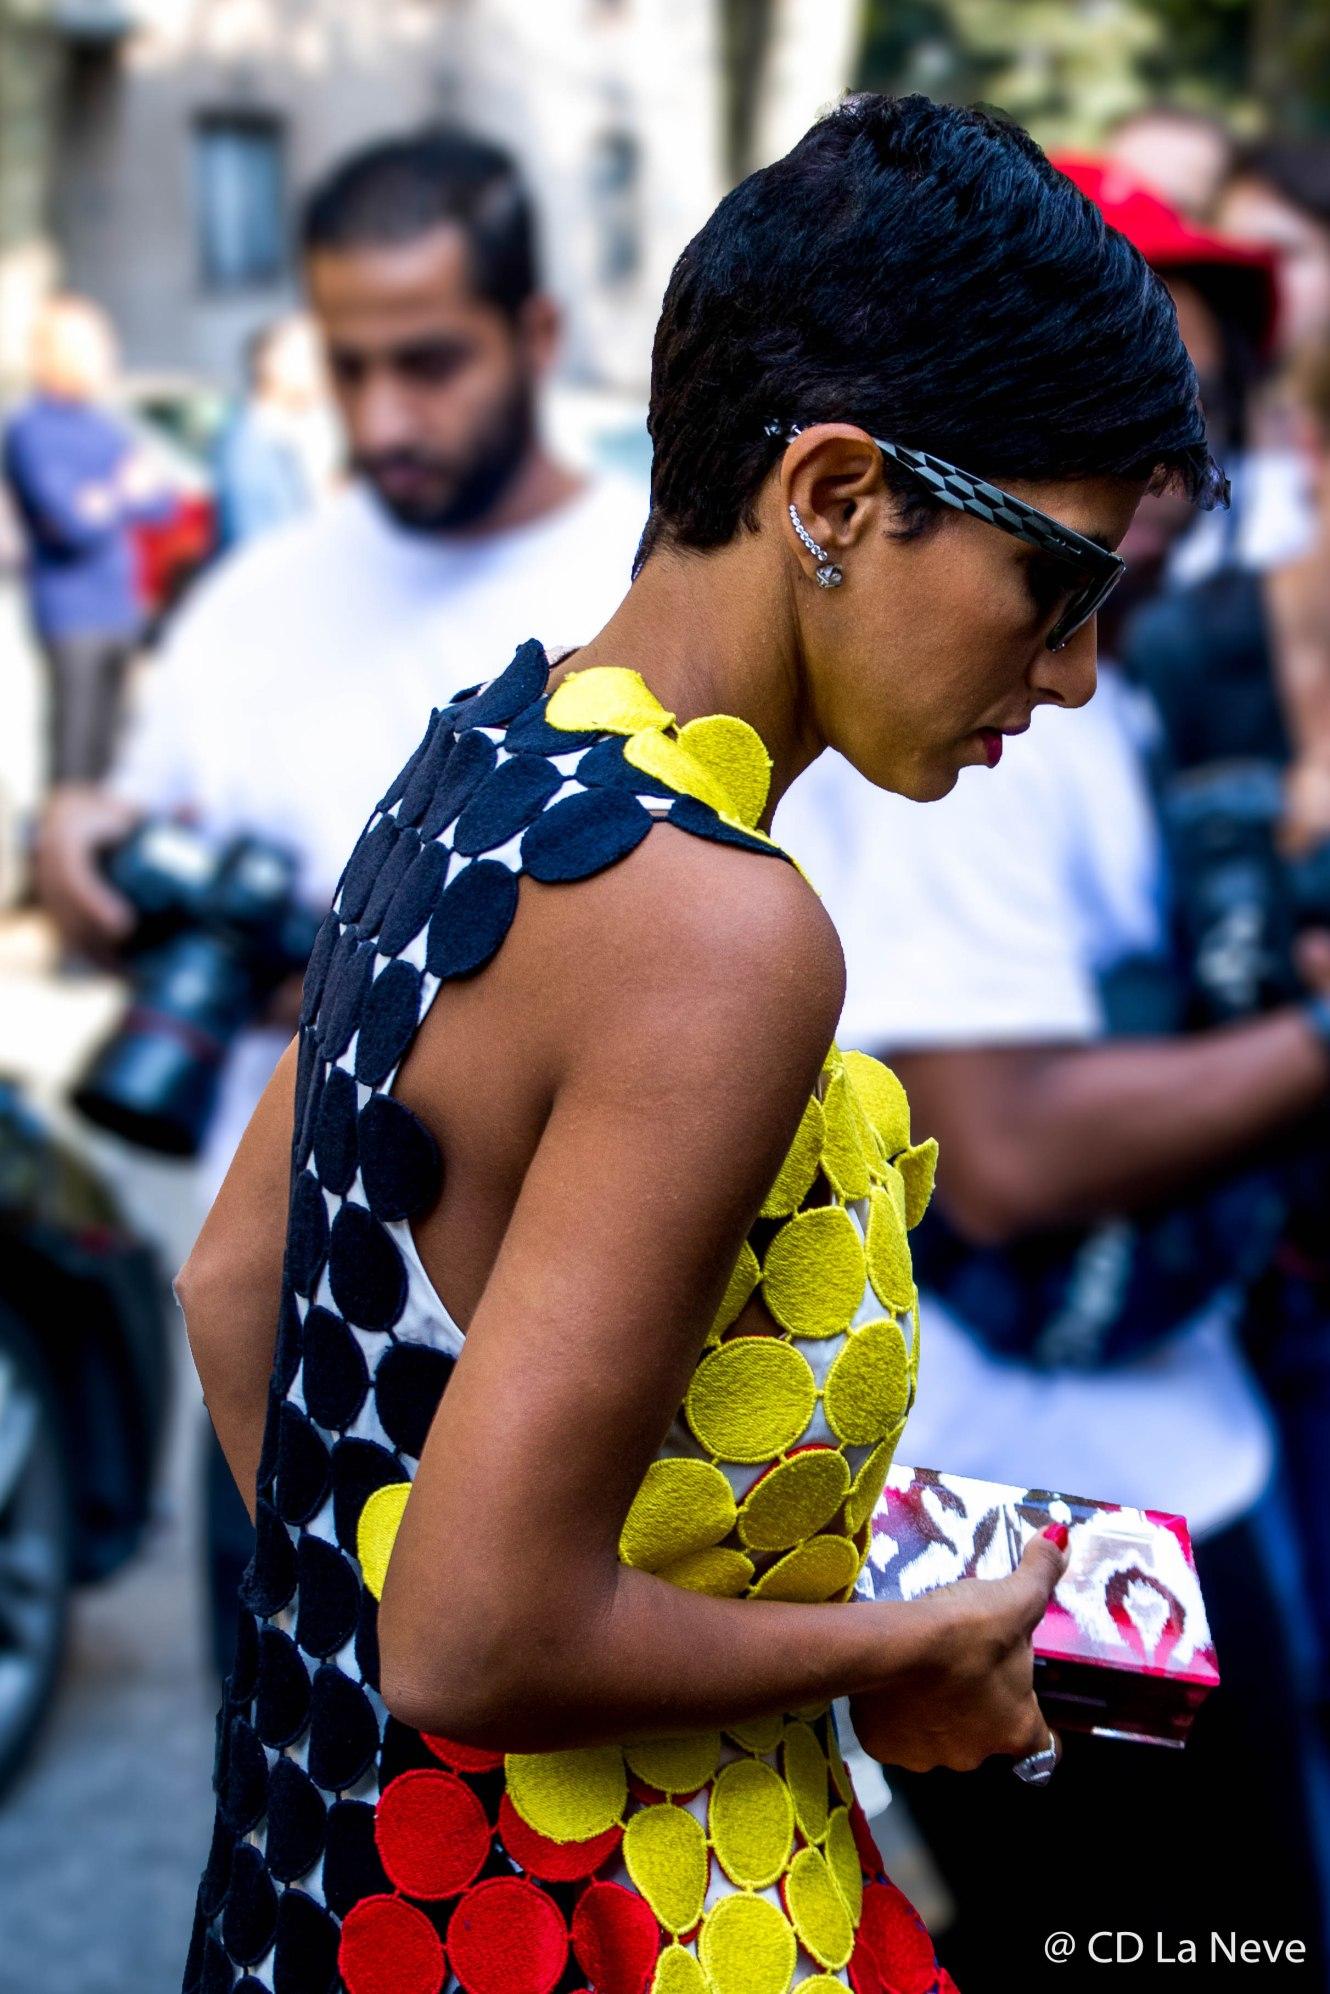 Milan-Fashion-Week-Day-4_063-PS.jpg